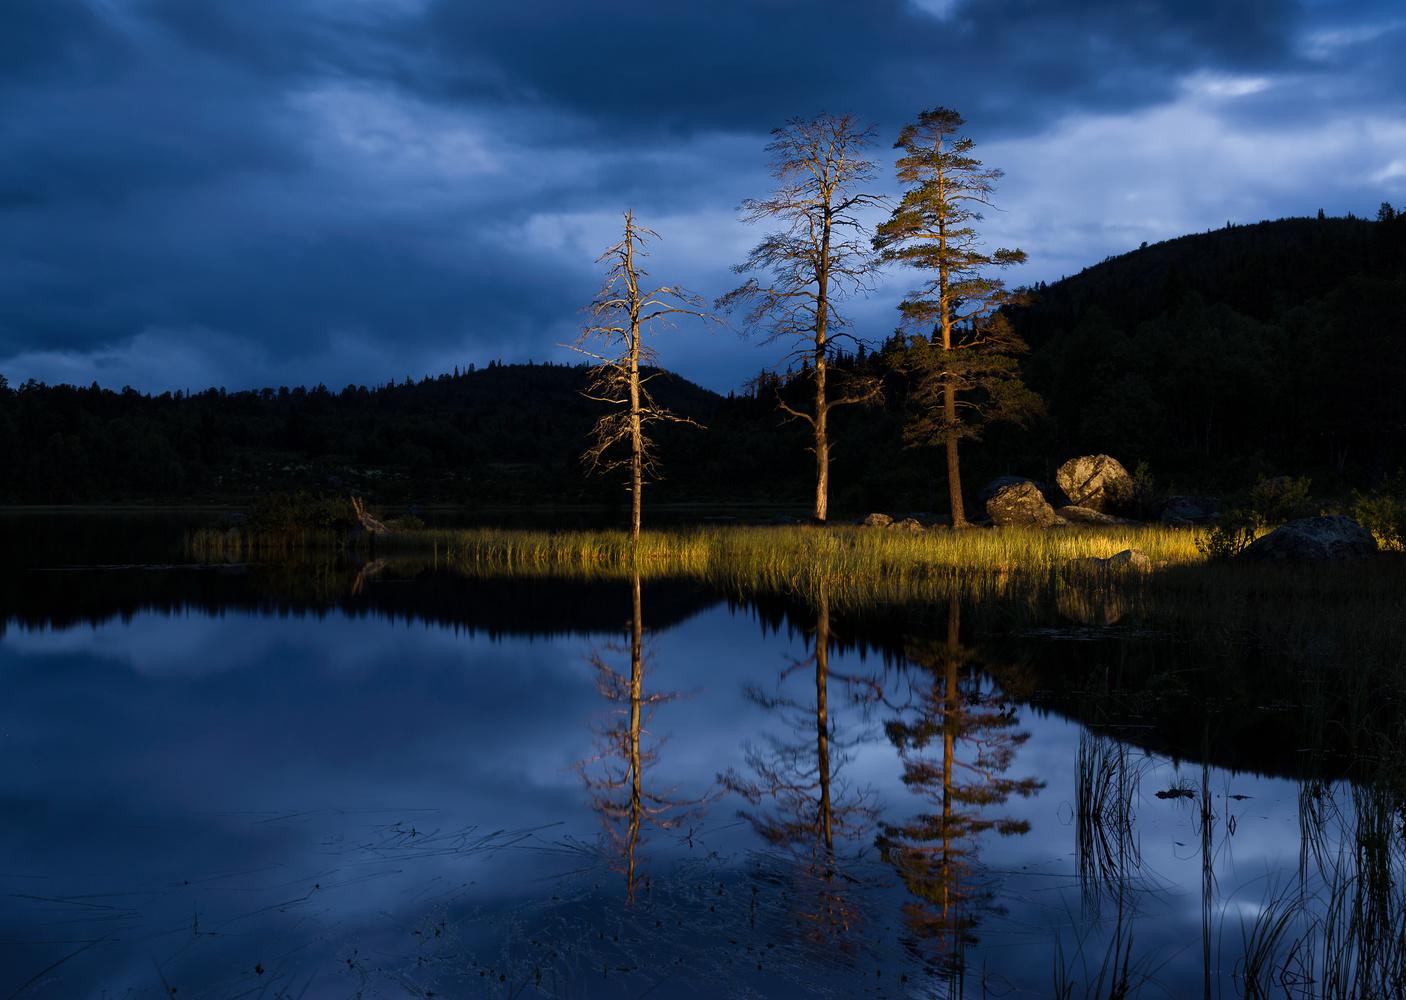 Bluehour by John Petter Hagen